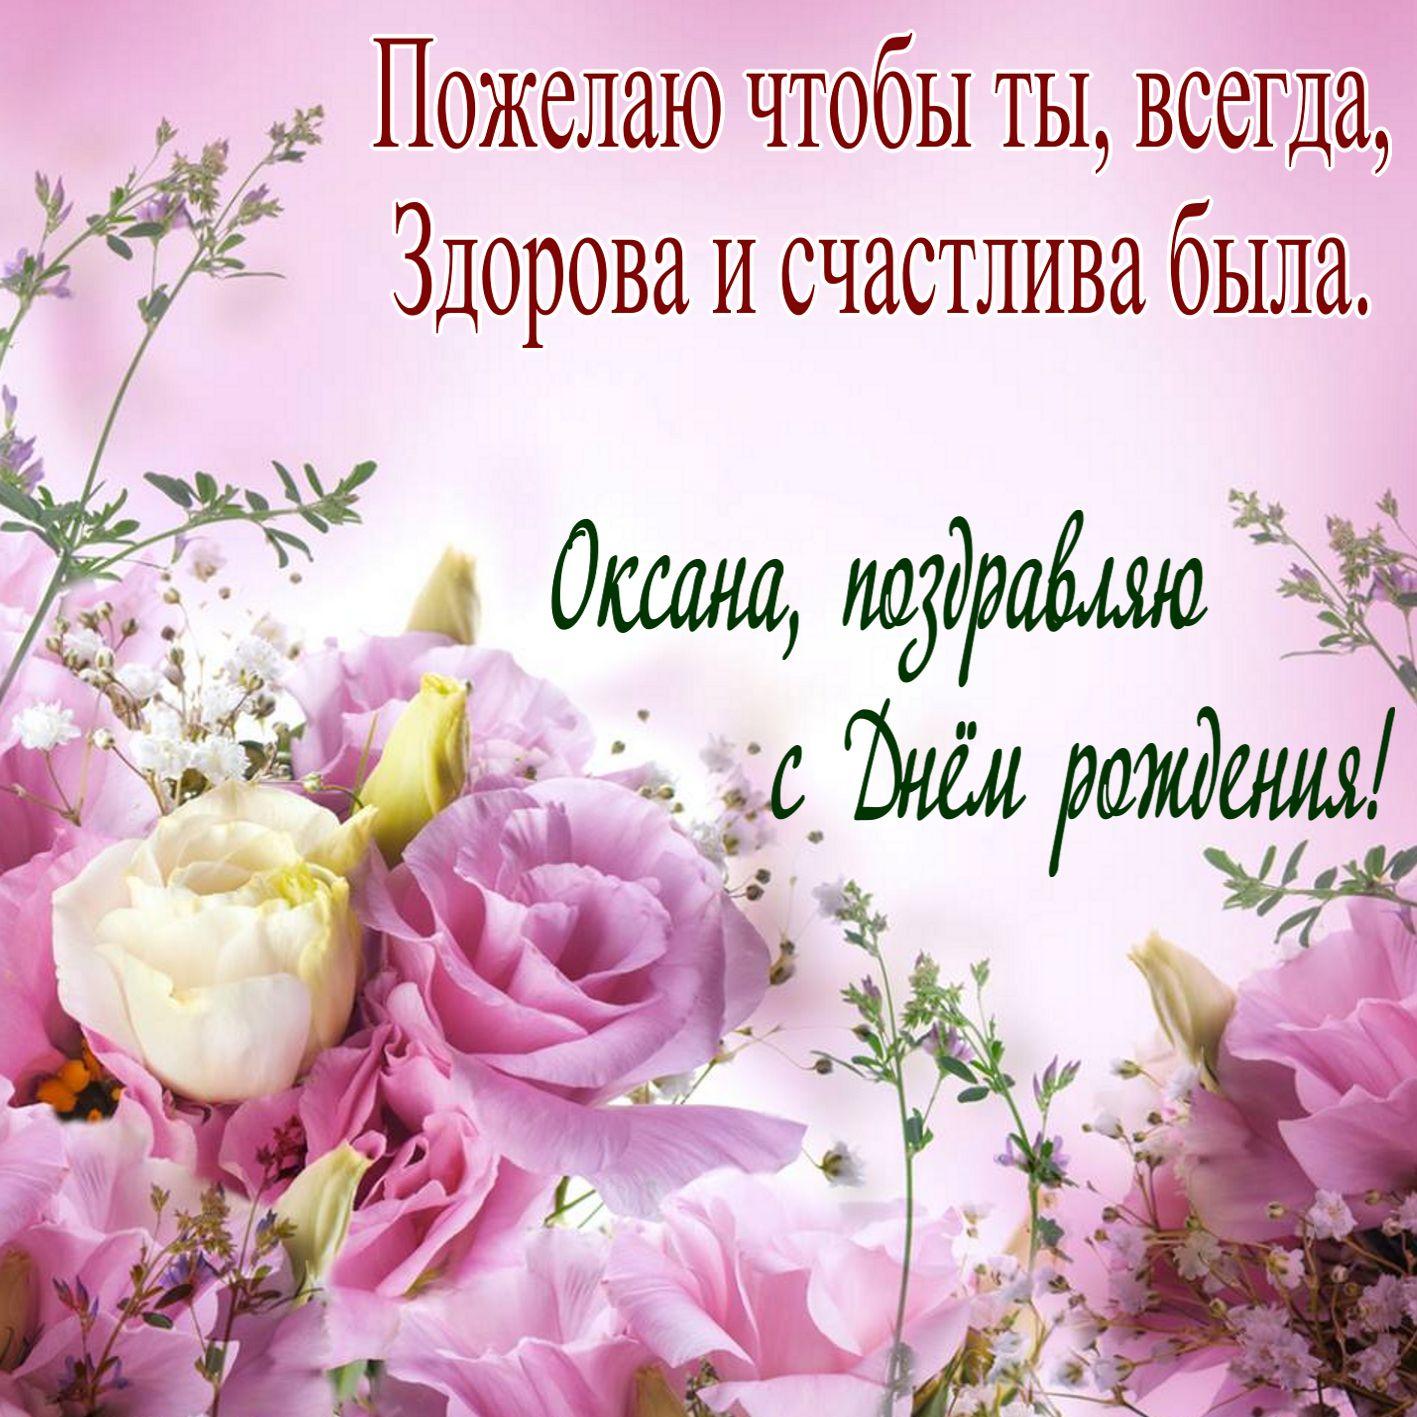 Красивые цветы и пожелание Оксане